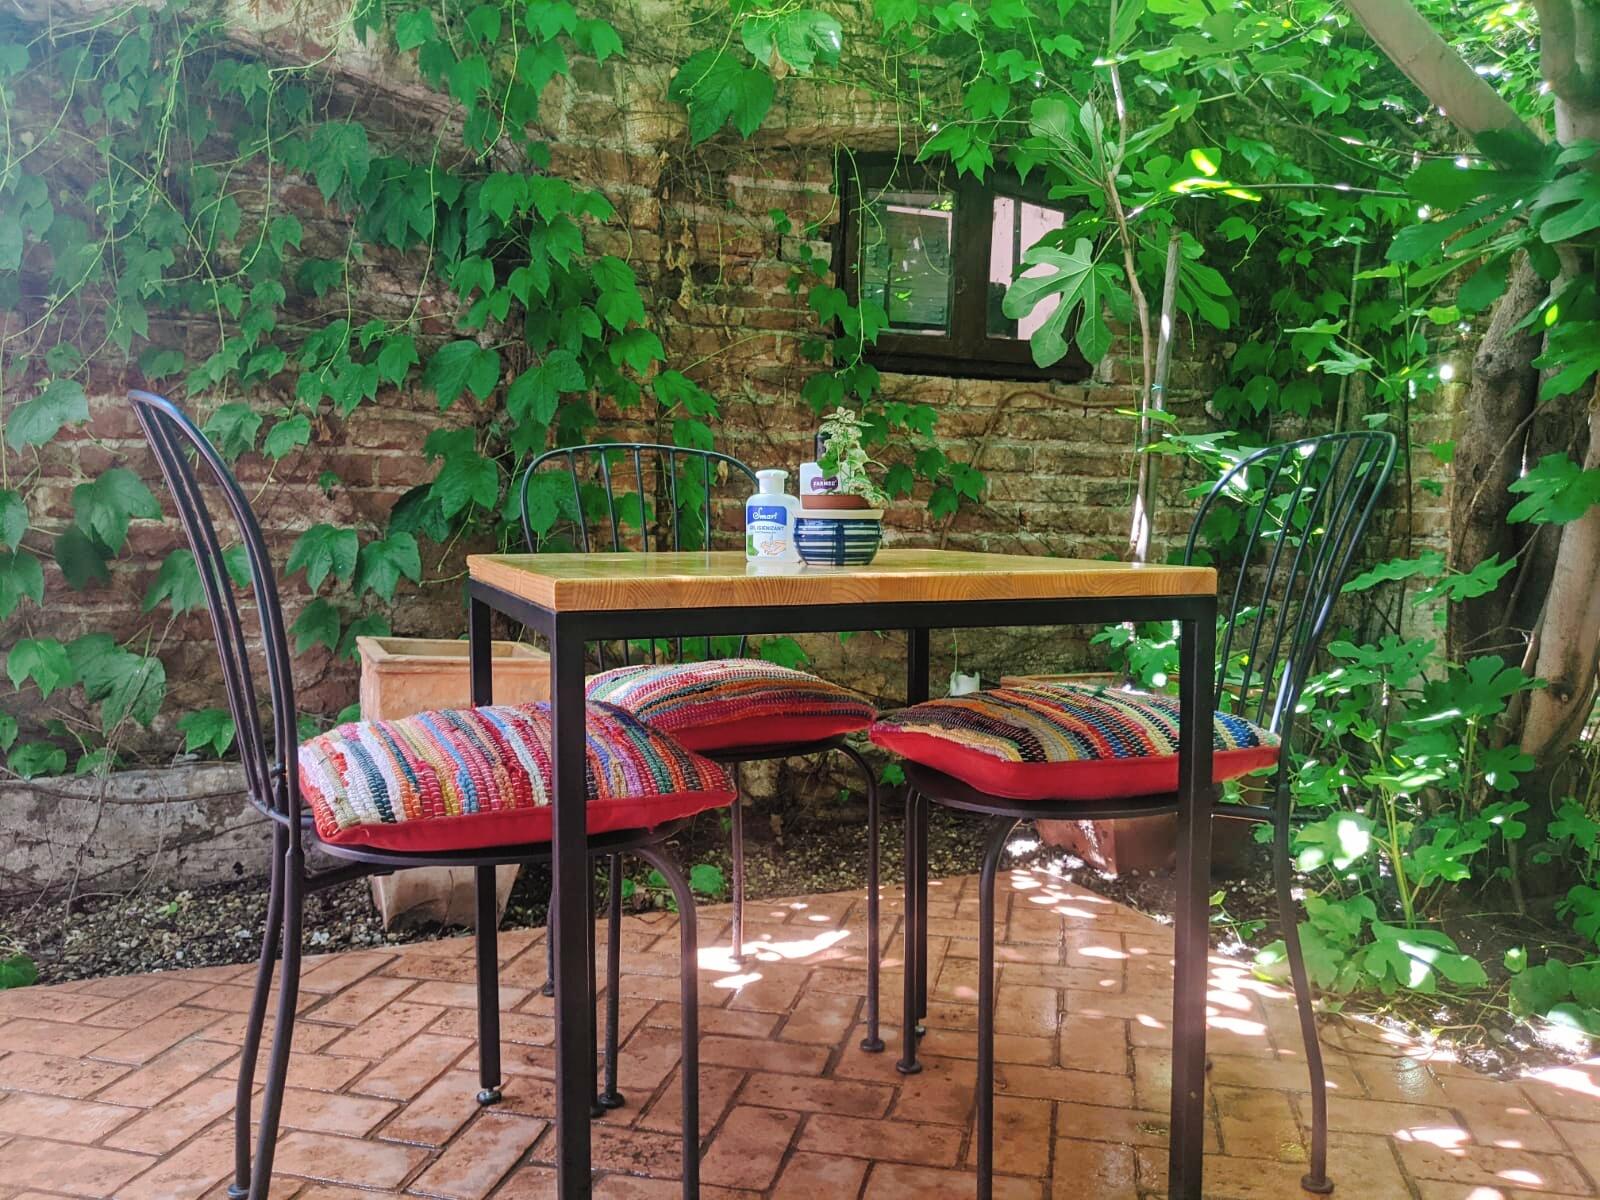 Blid locantă românească terasă